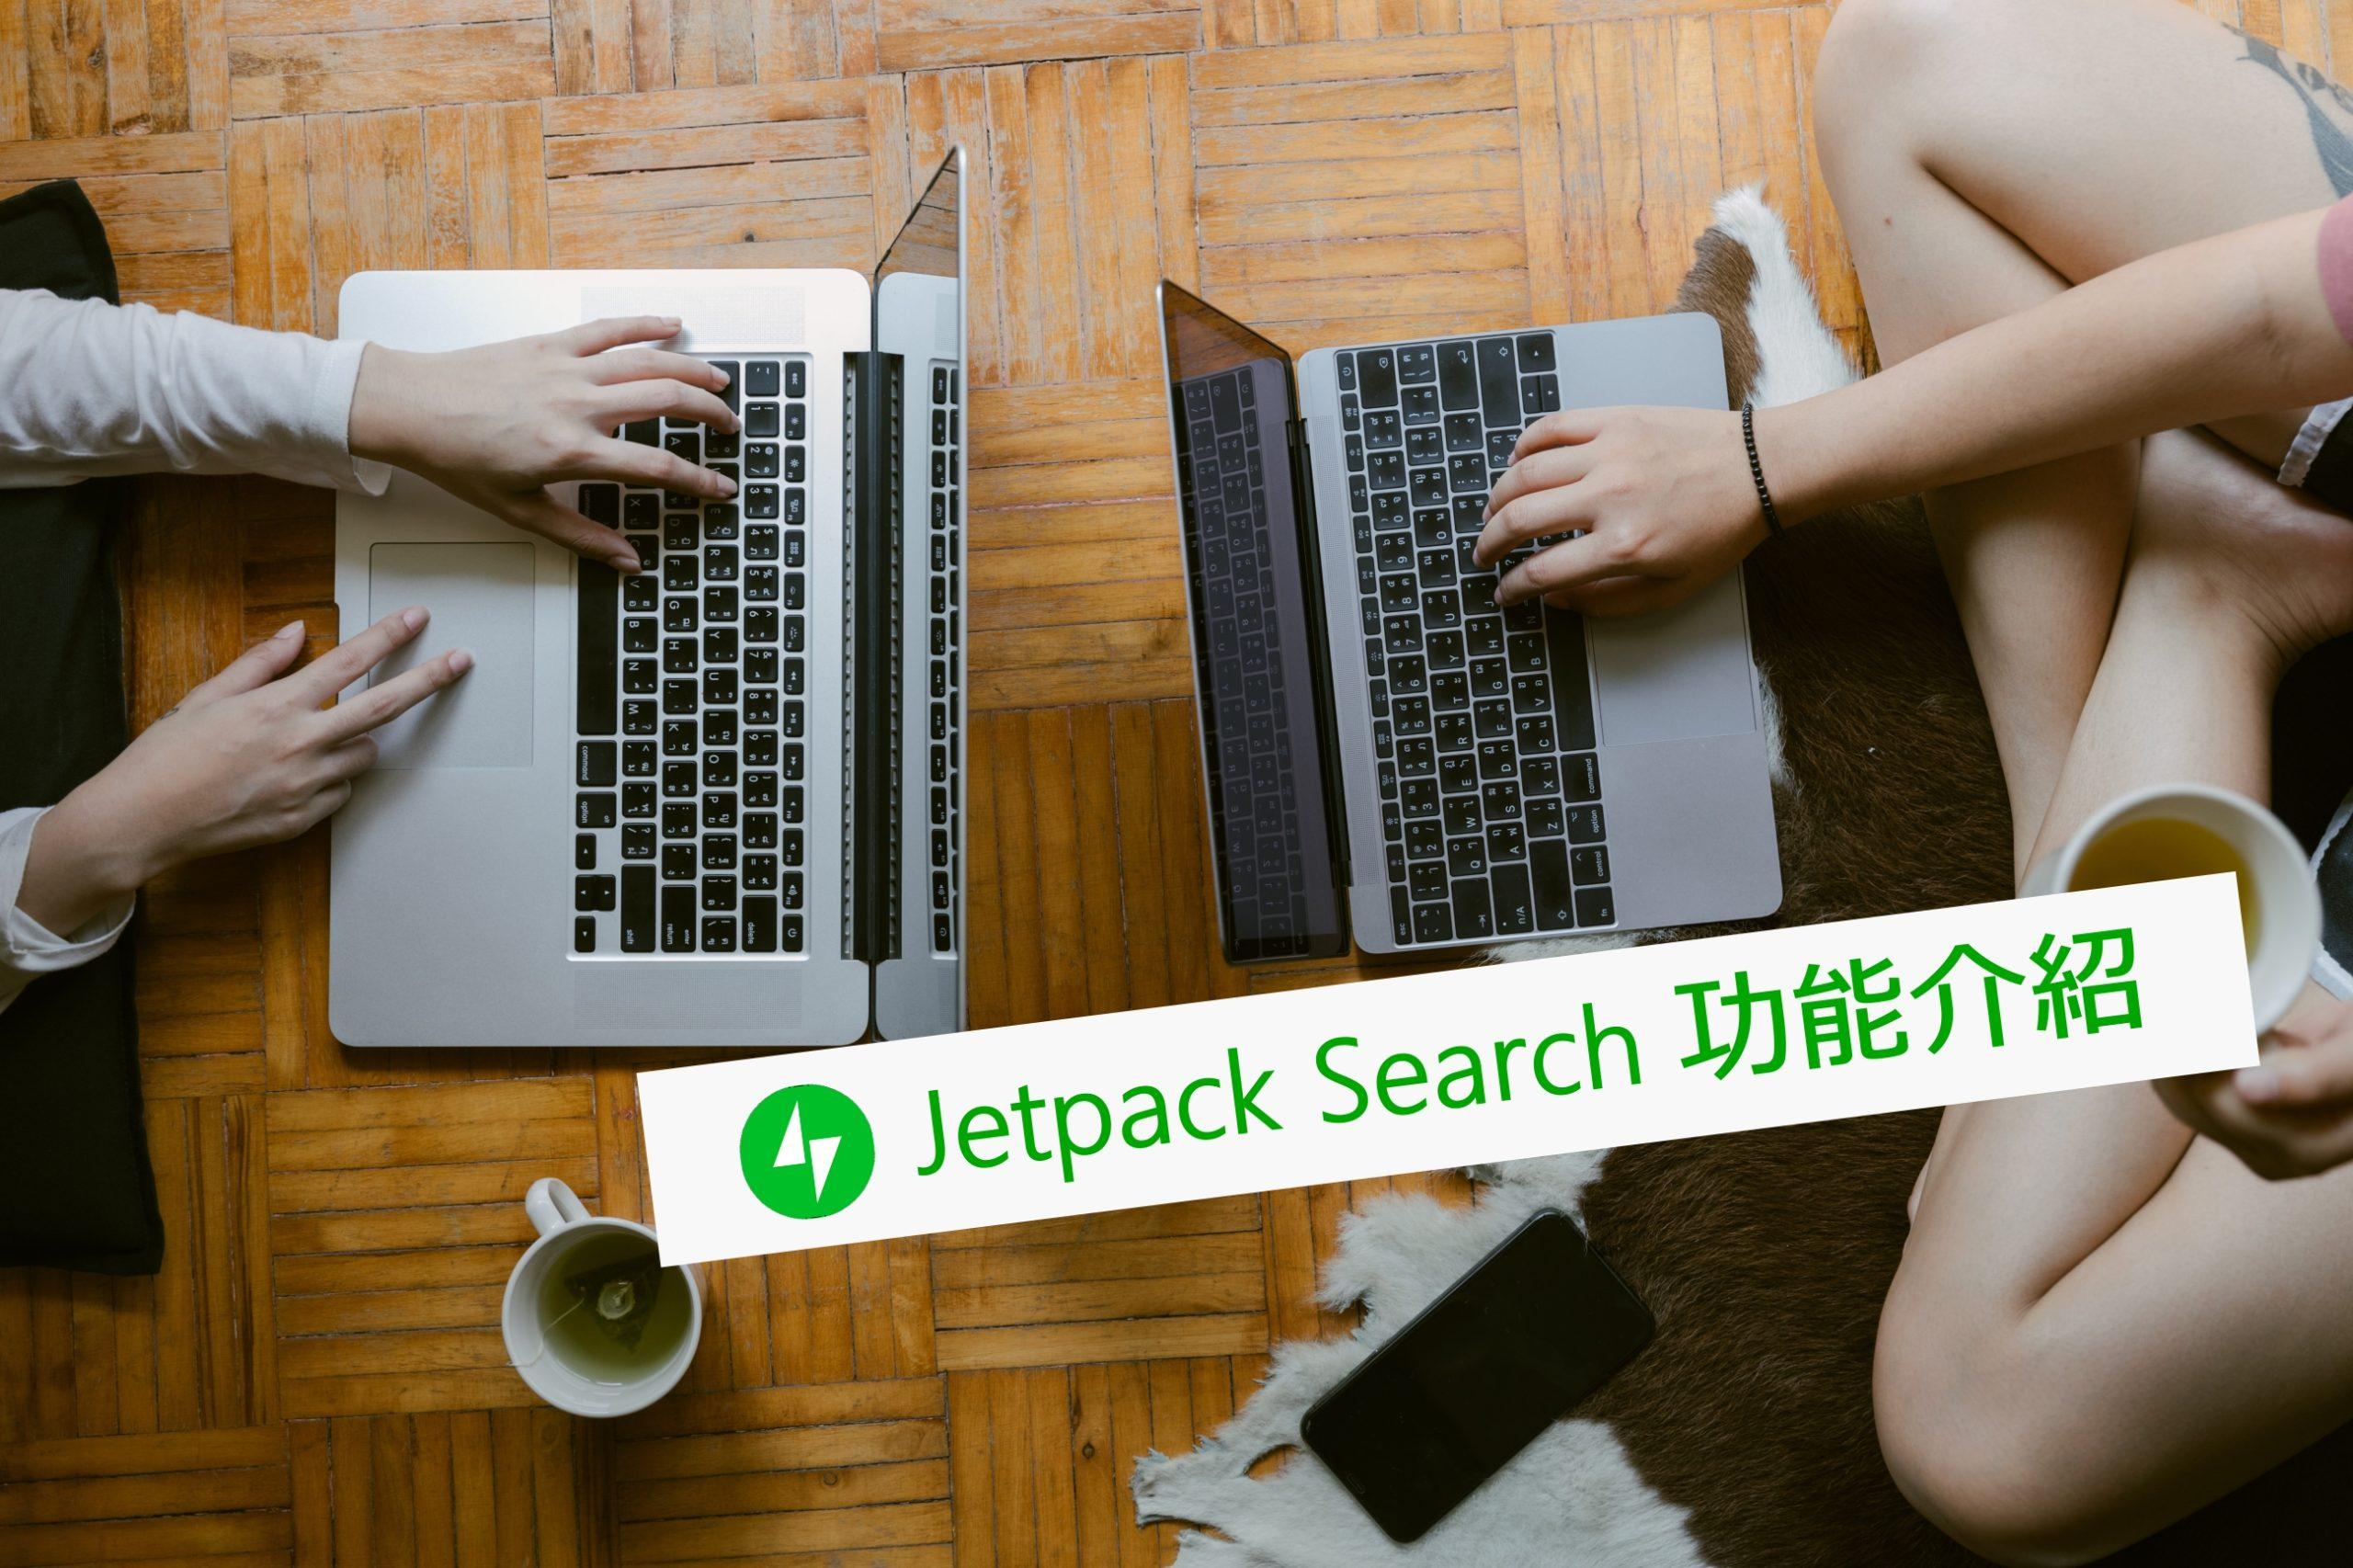 [外掛] 讓 WordPress 搜尋功能更強大,Jetpack Search 智慧分析關鍵字試過沒?